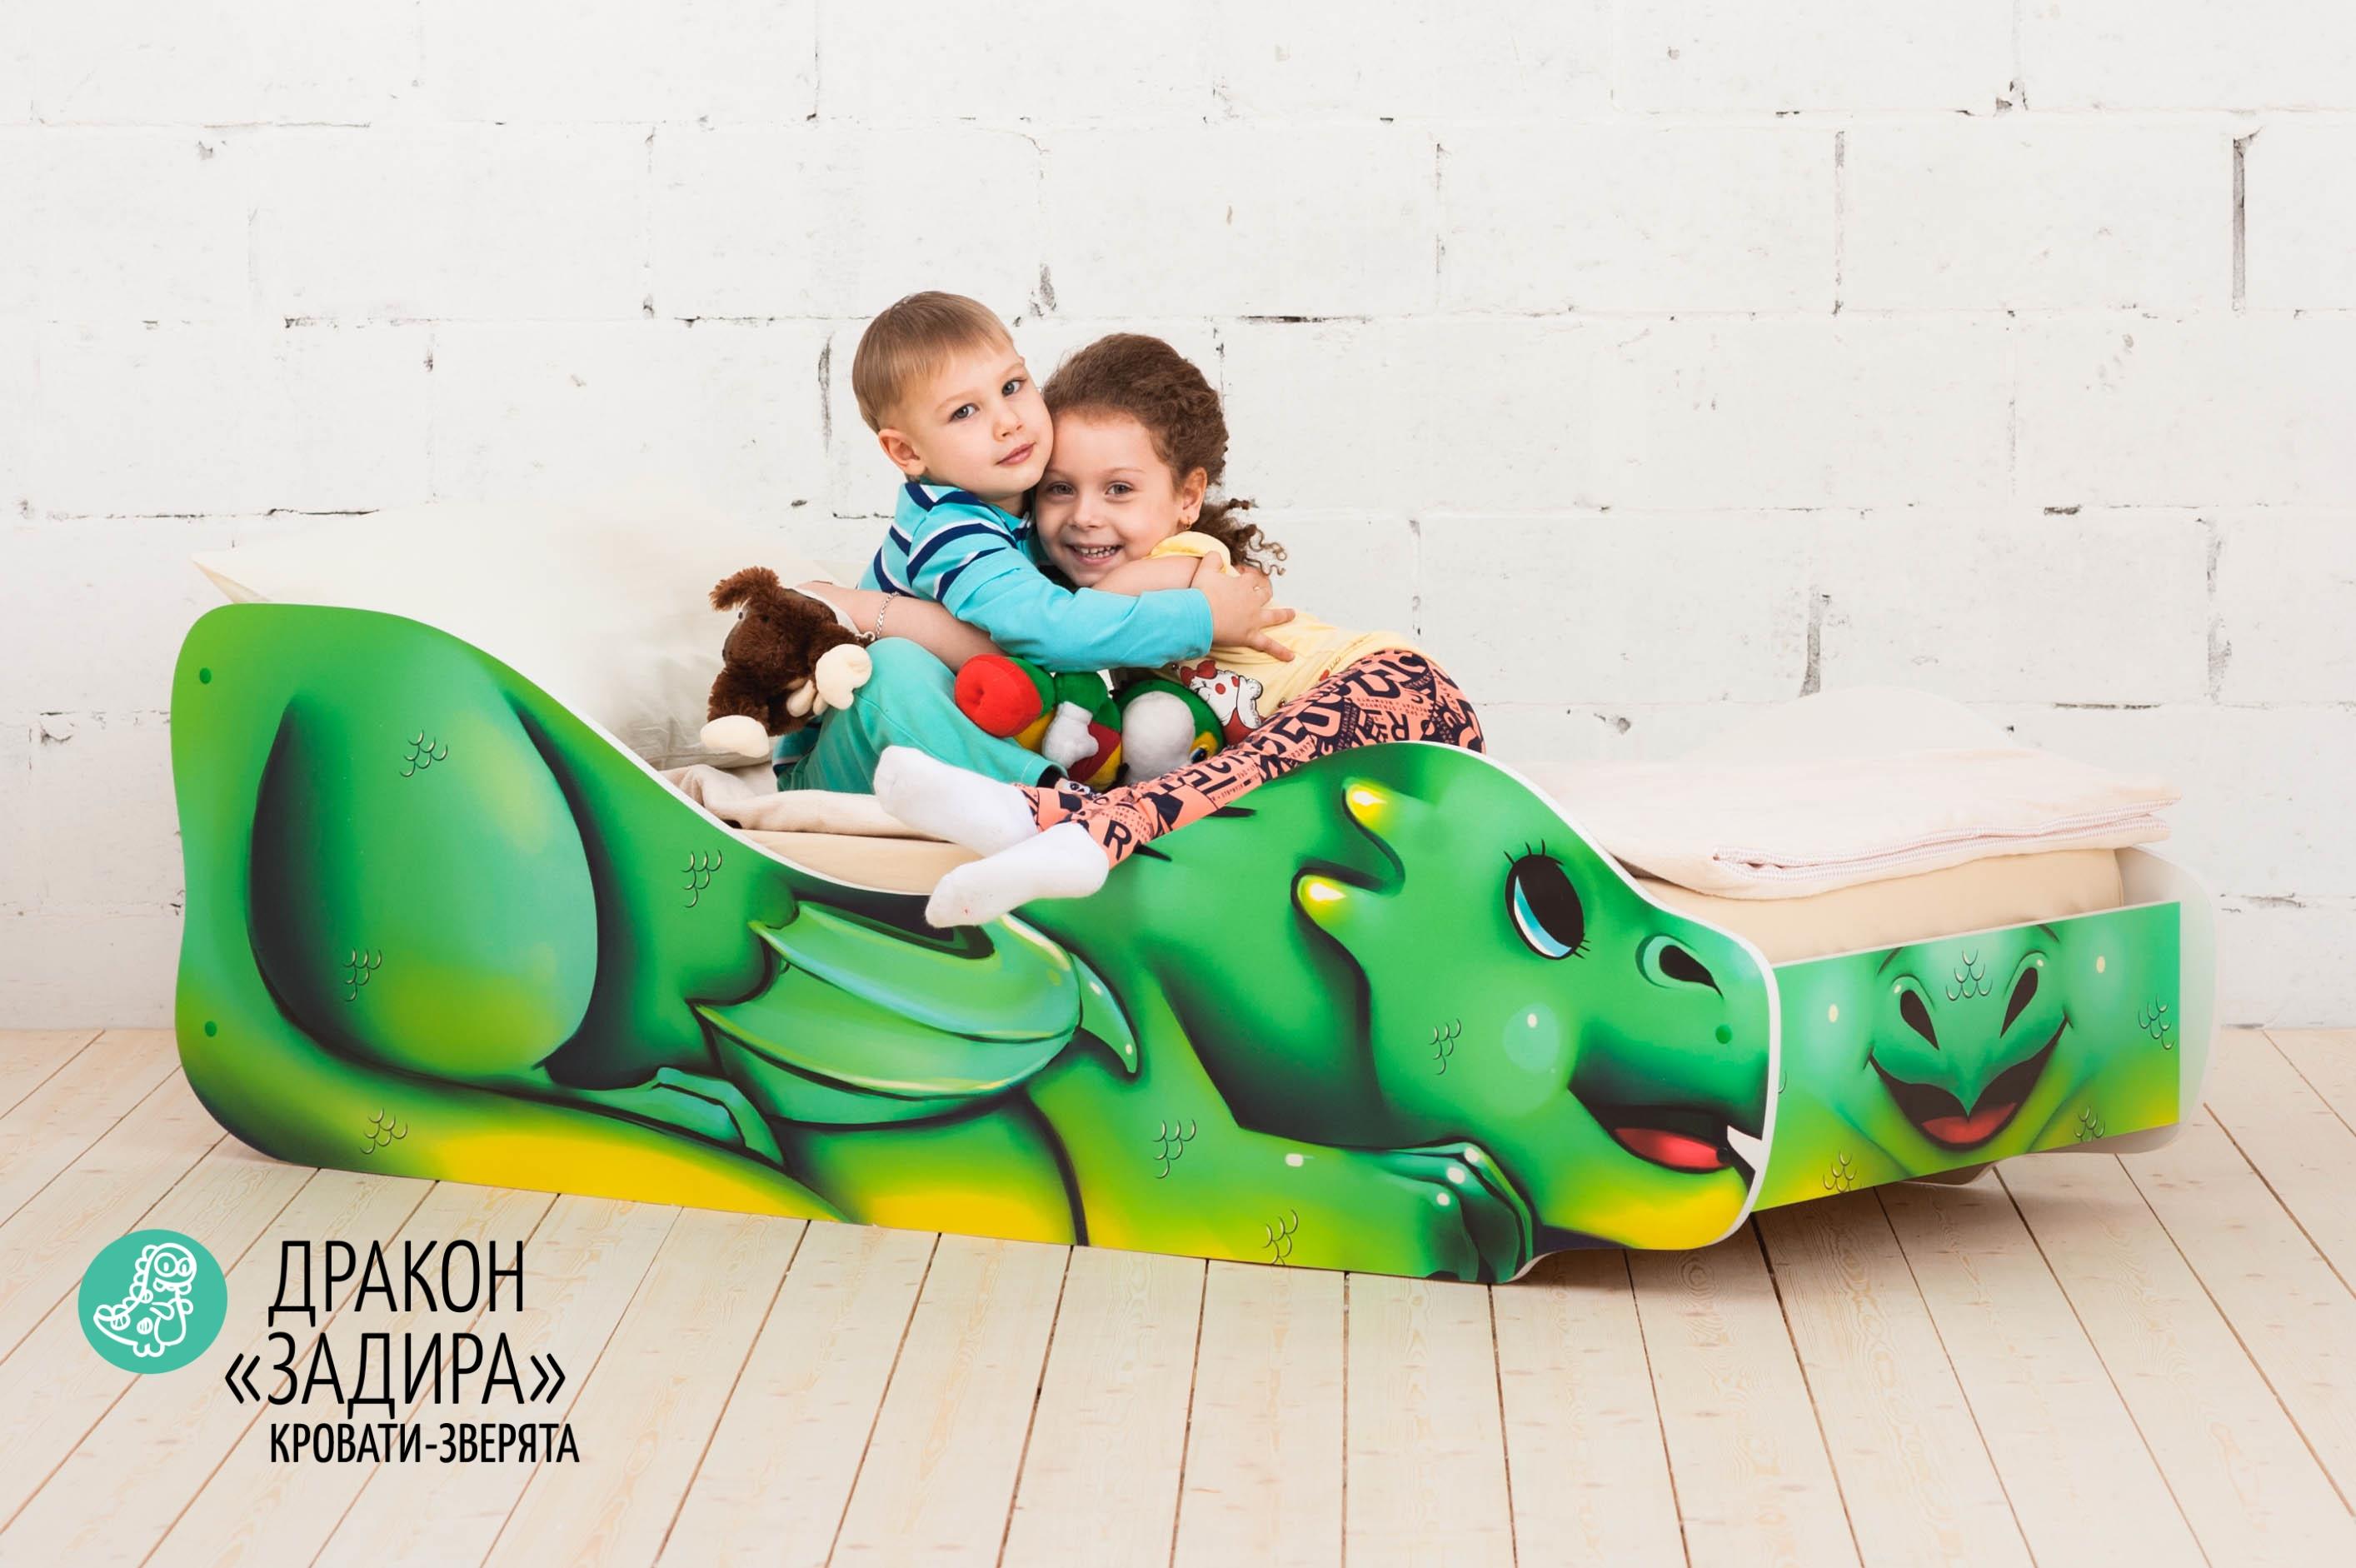 Детская кровать-зверенок -Дракон-Задира-4